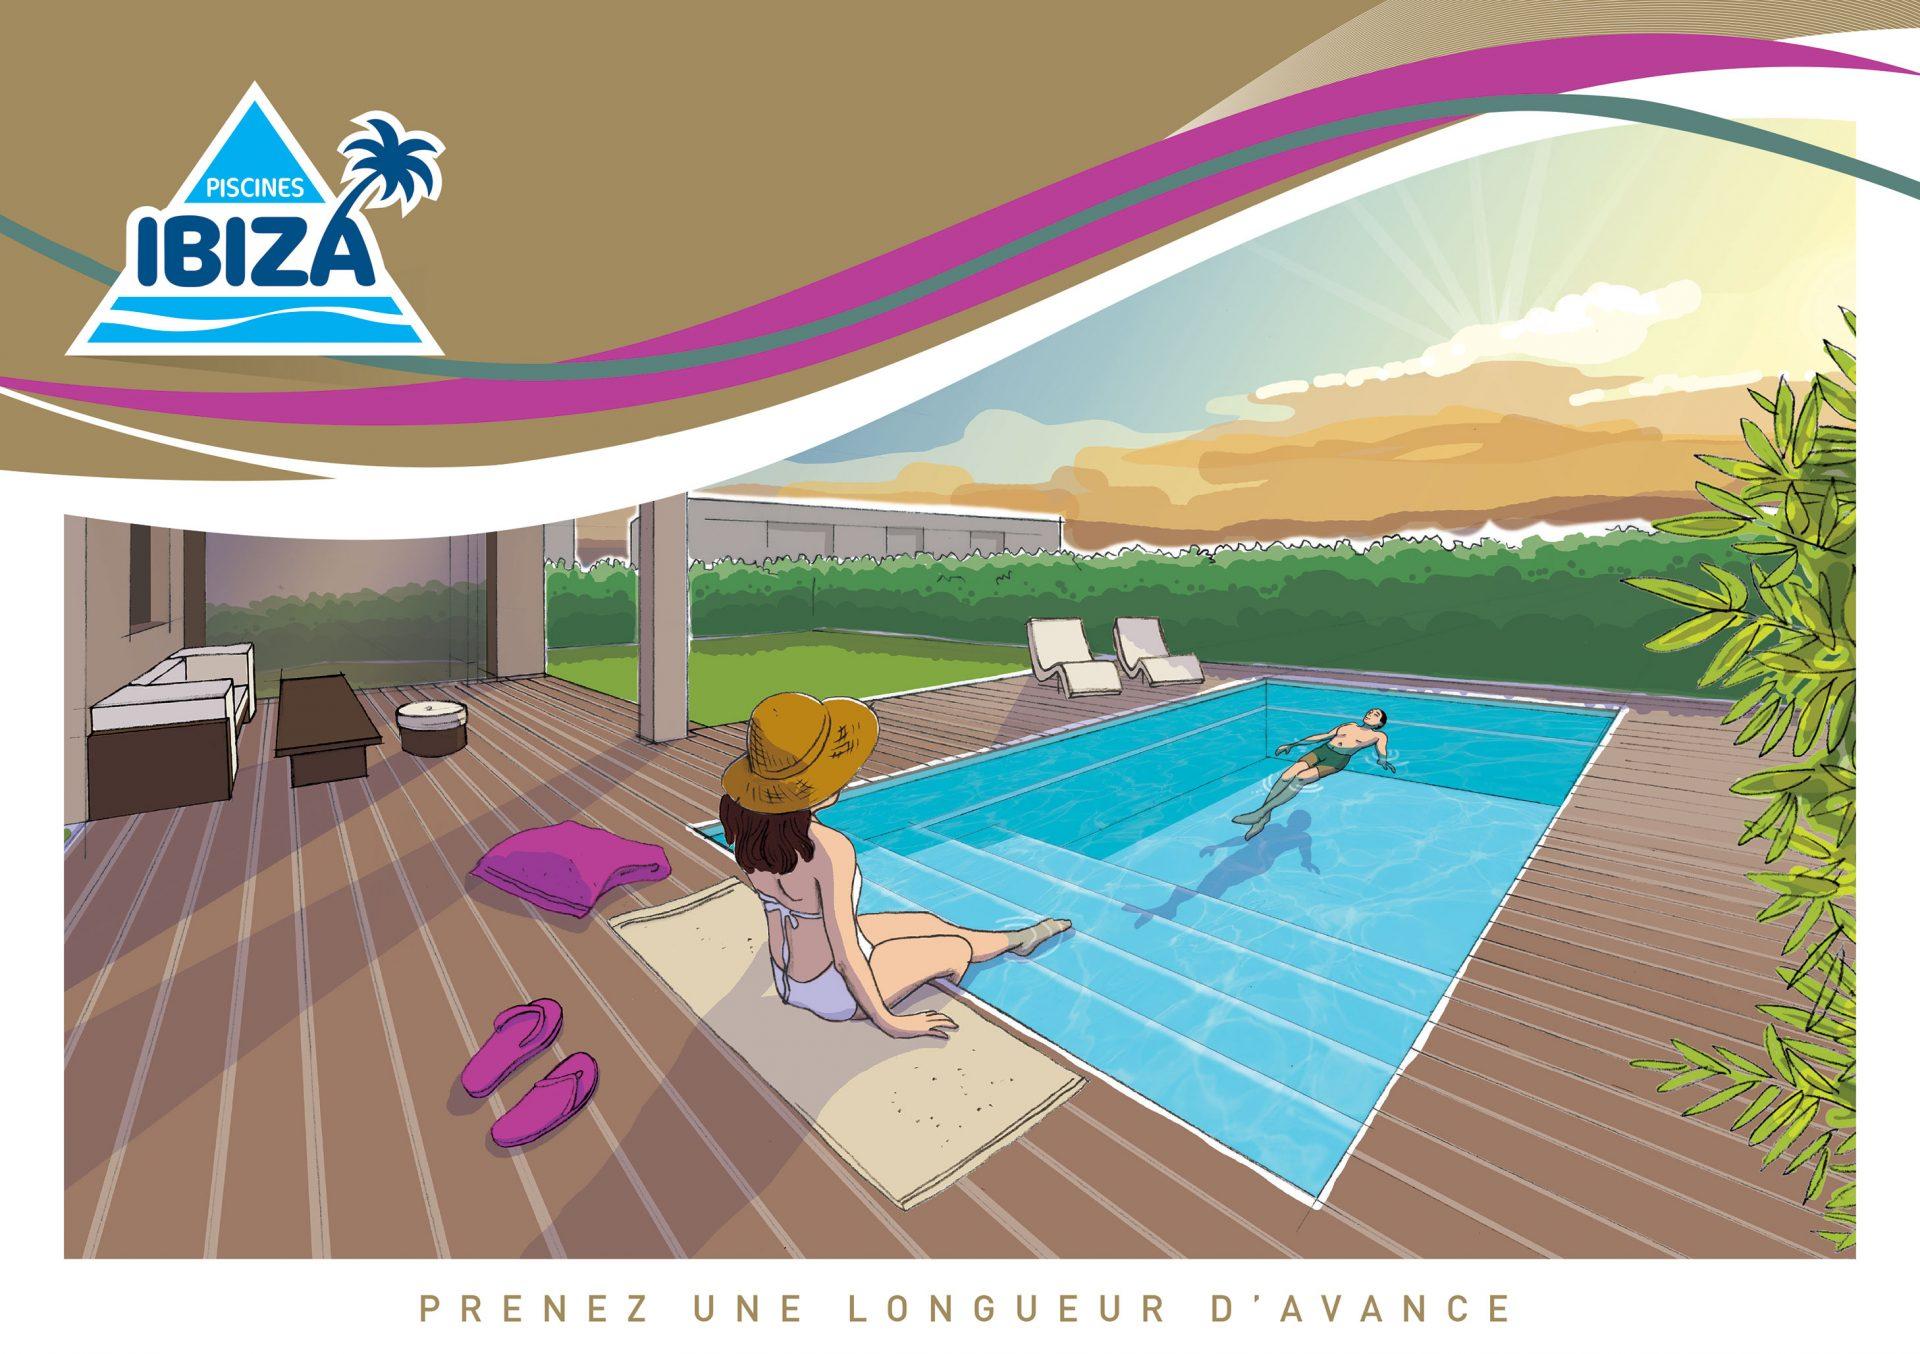 image-illustr-Ibiza-02.jpg